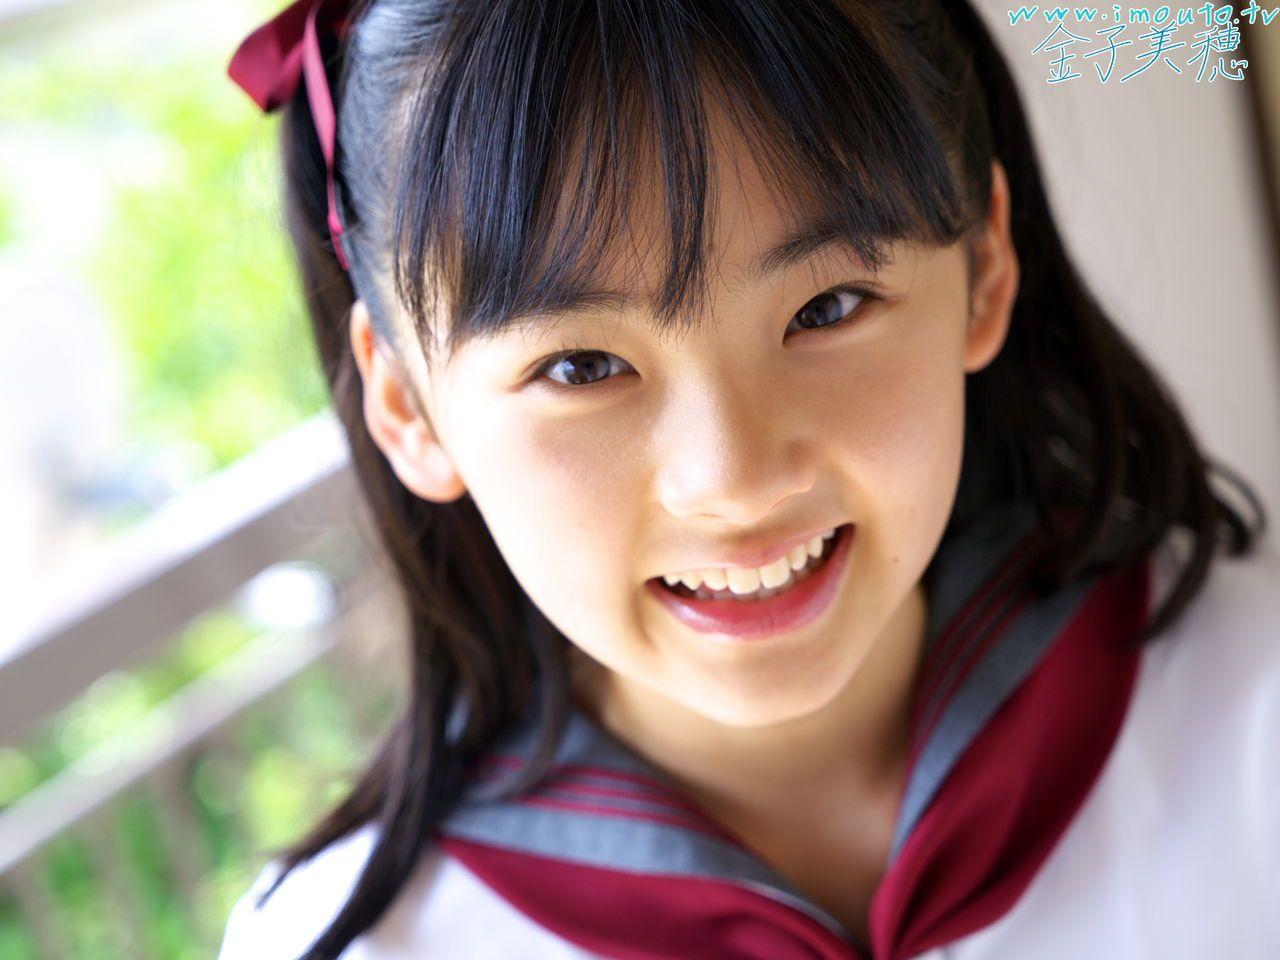 Miho kaneko miho kaneko forum hot girls wallpaper